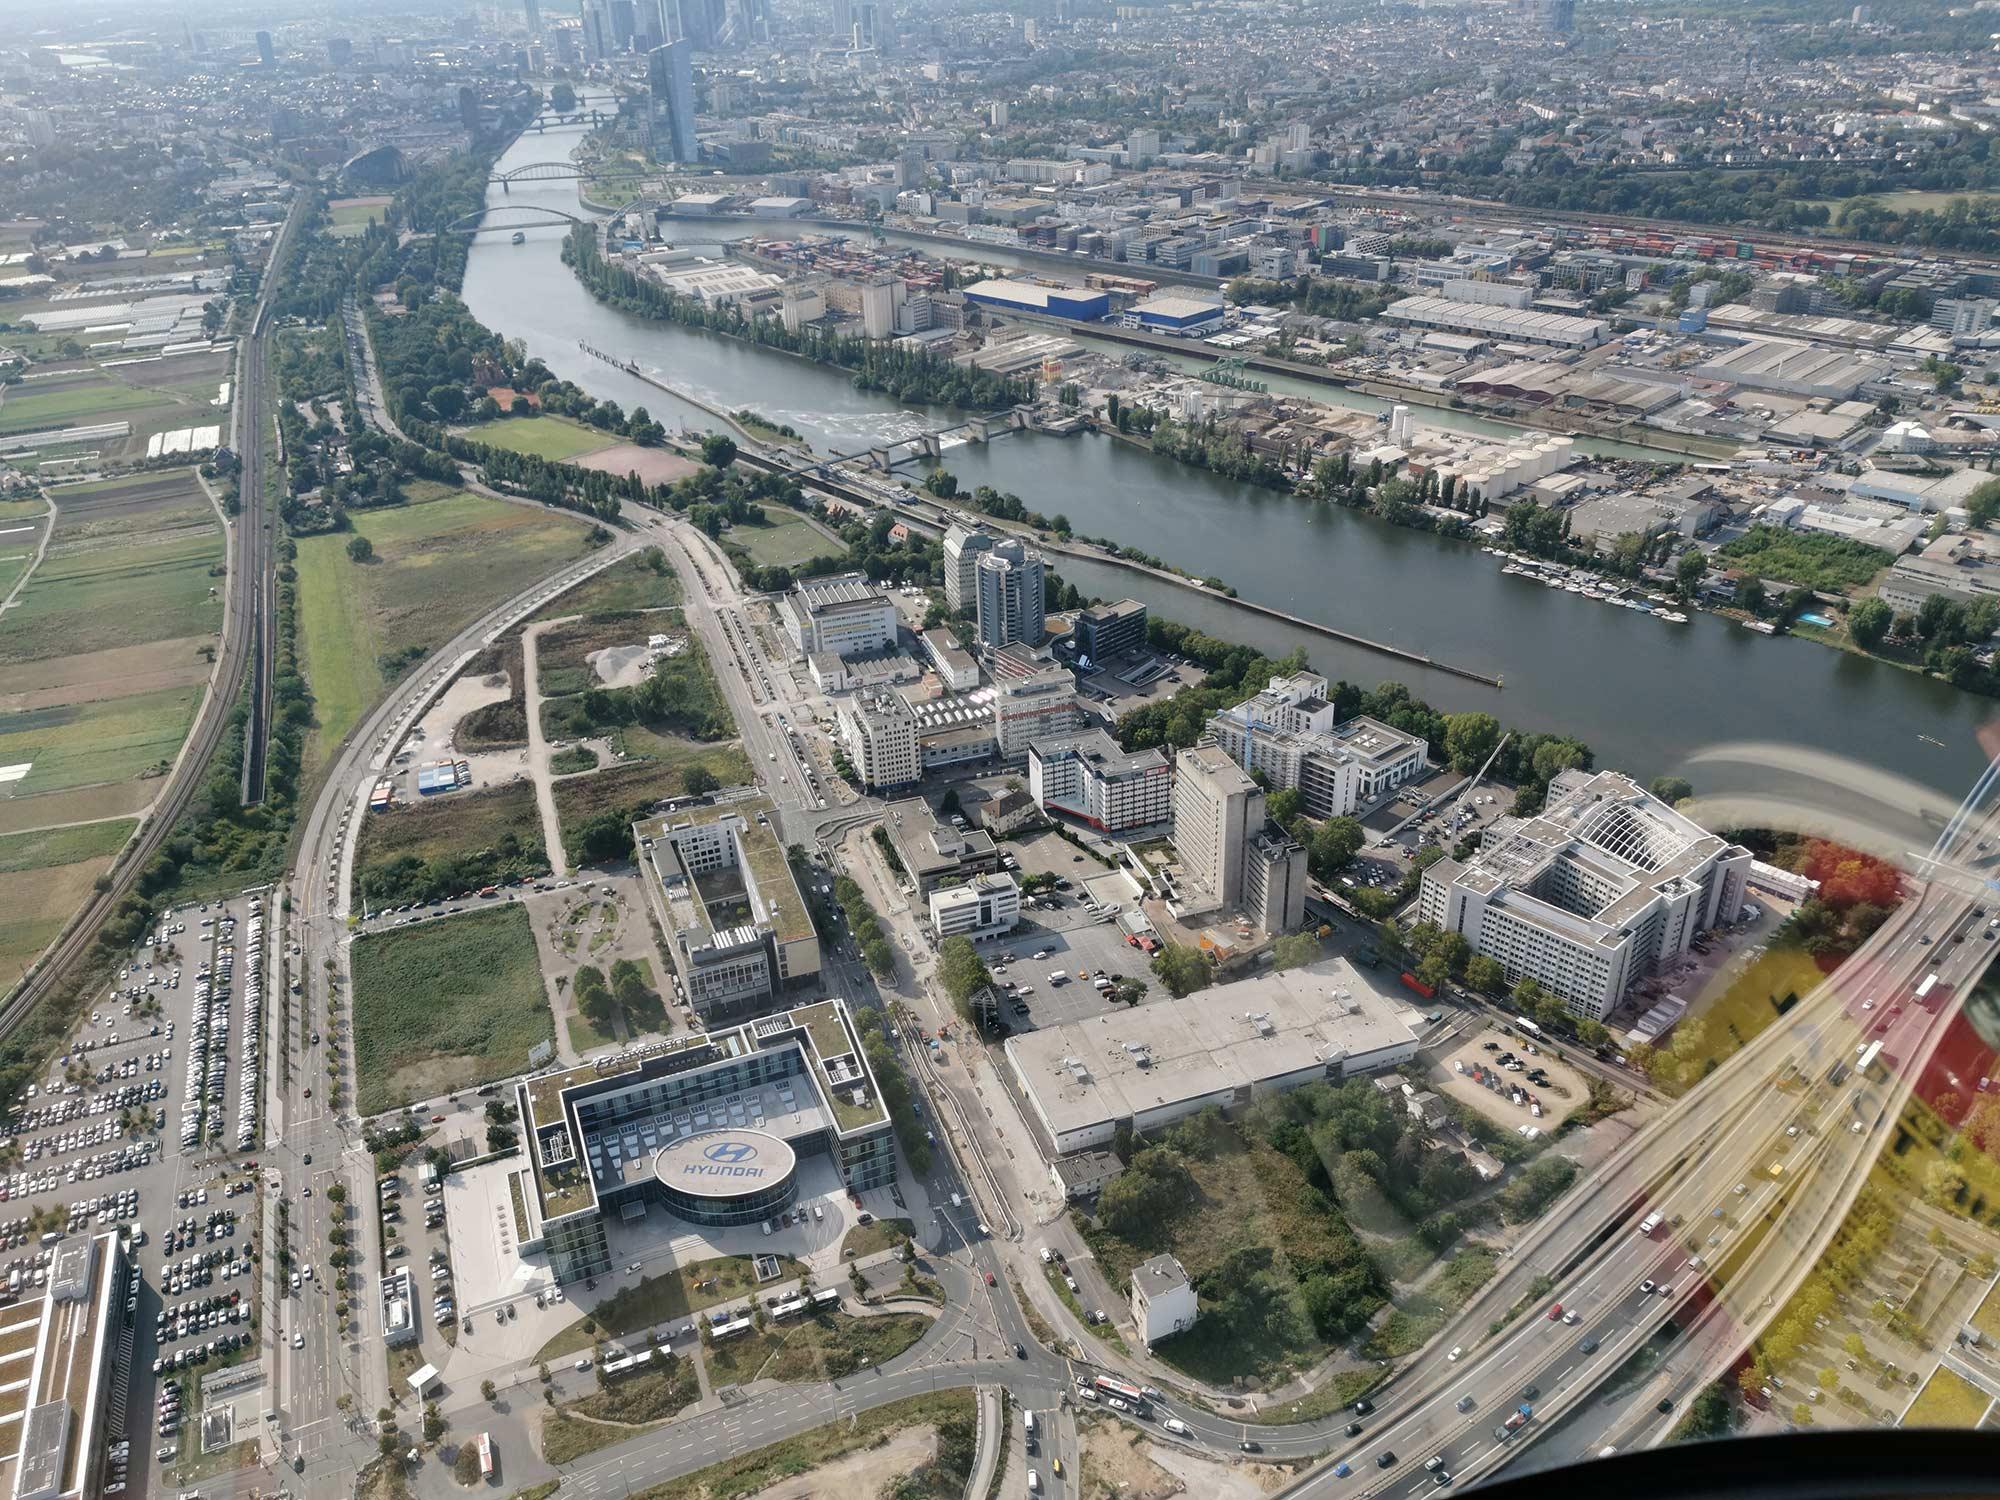 Kaiserlei-Gebiet Offenbach - der Fluß Main im Hintergrund - Luftaufnahme aus dem Hubschrauber